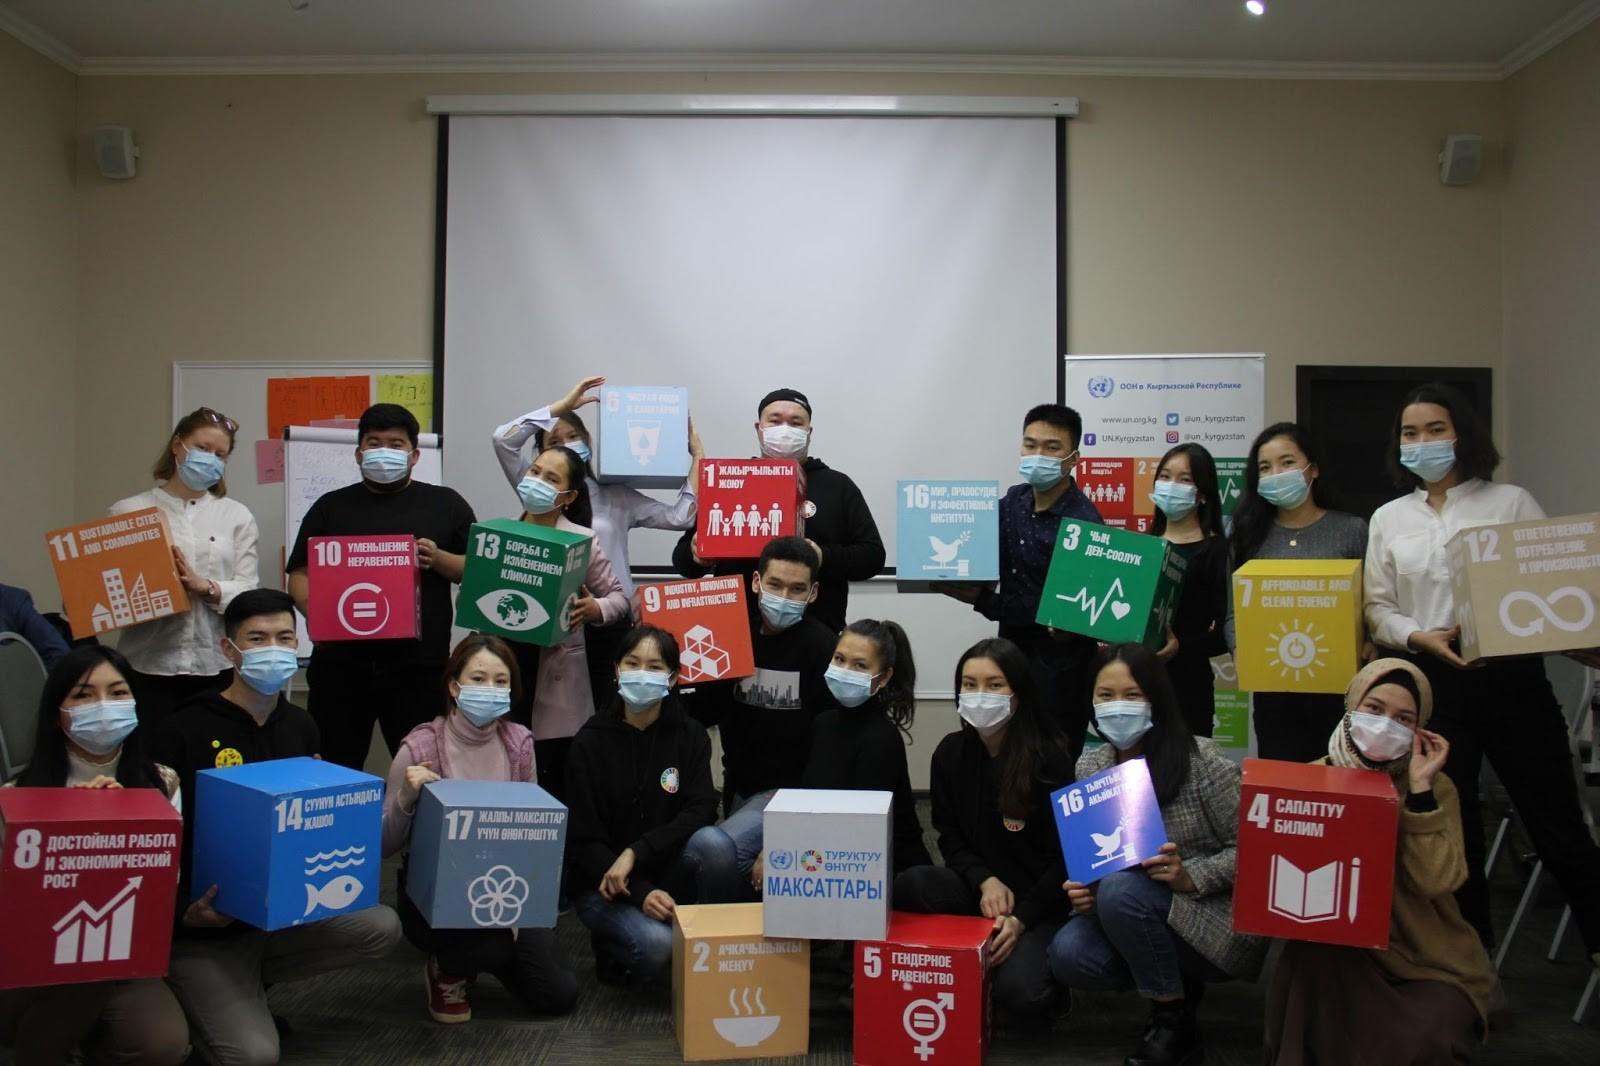 SDG Youth Ambassadors